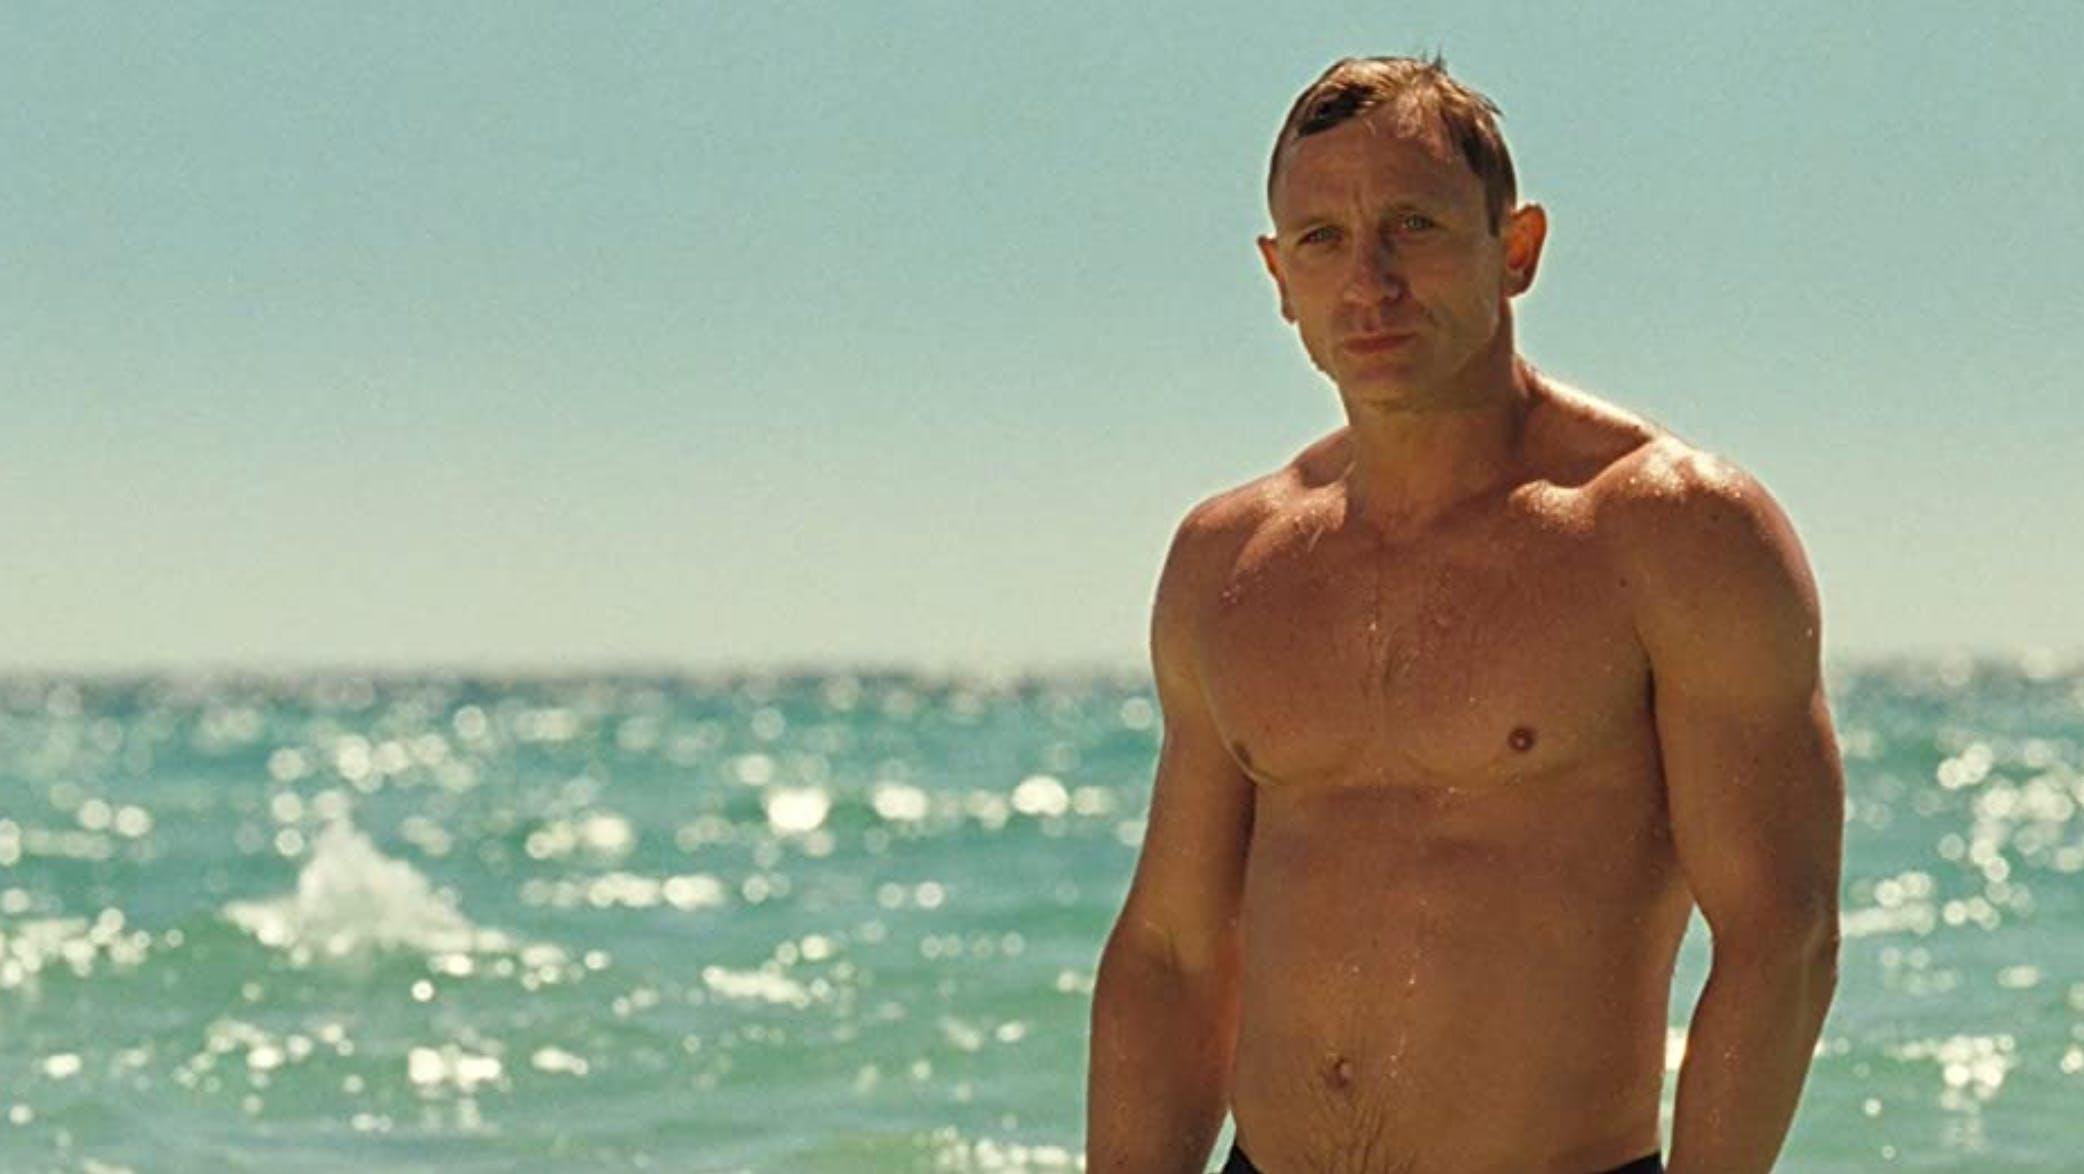 Craig schreitet in «Casino Royale» aus dem Meer. Muskelbepackt, ein Kerl wie ein Schrank, ein menschlicher Panzer quasi. Unfassbar.